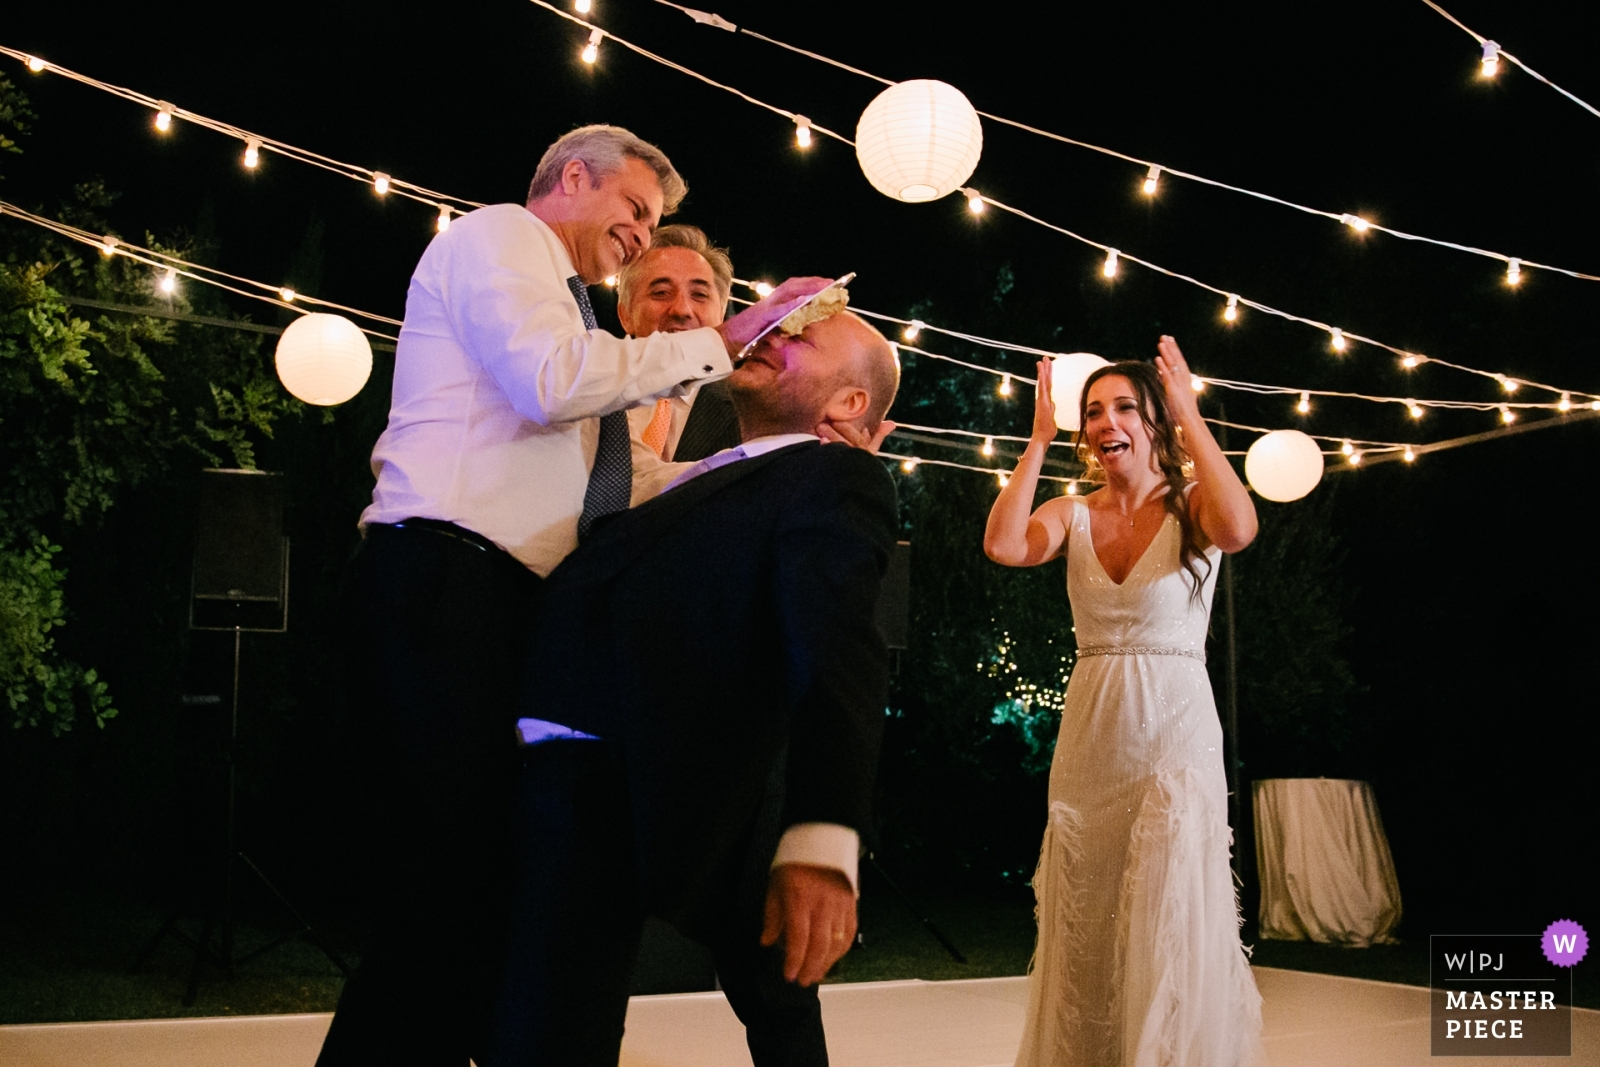 groom receiving cake in his face - Portofino, Genoa Wedding Photography -  | villa cimbrone ravello